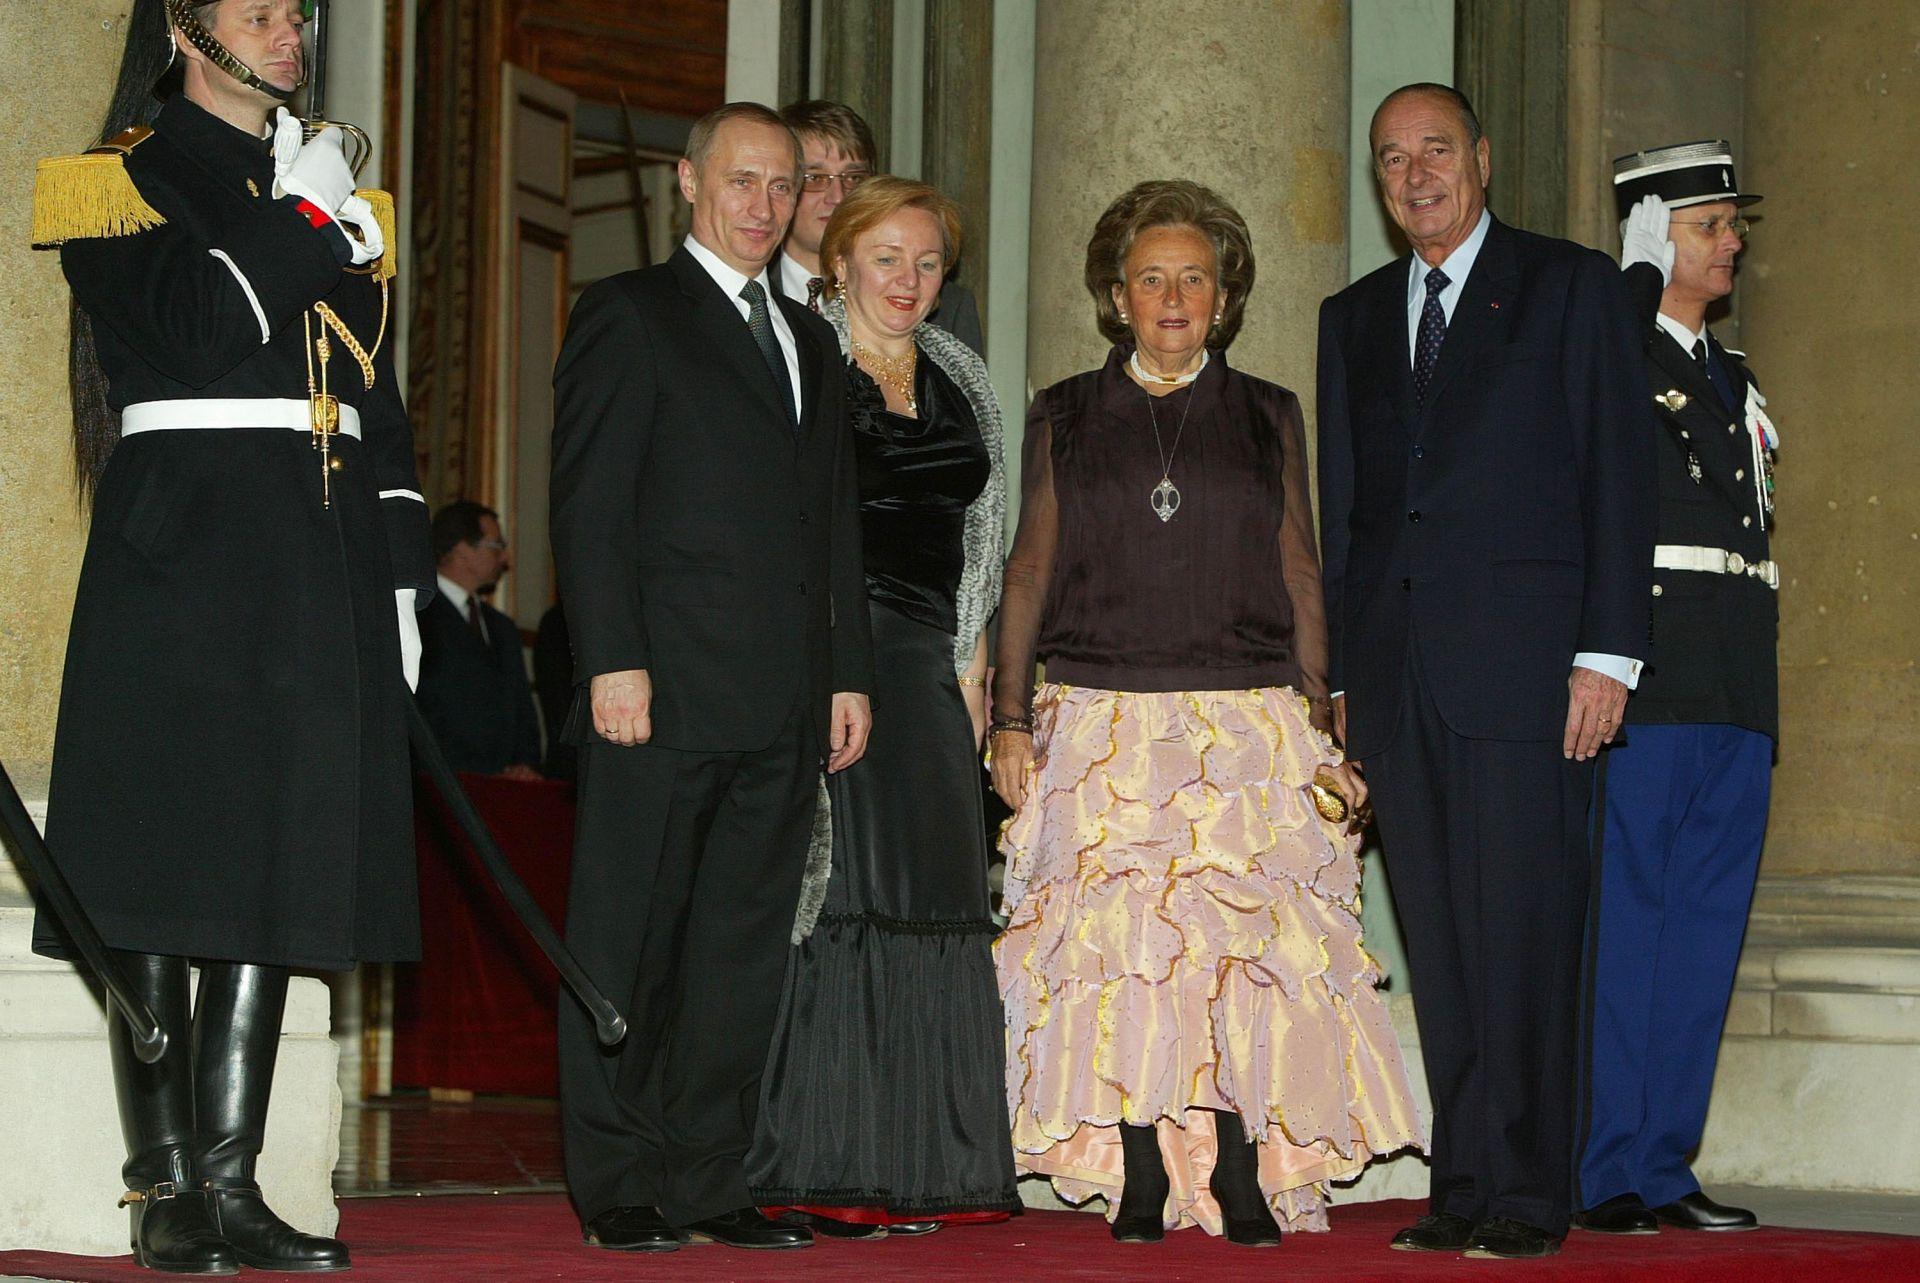 10 февруари 2003 г. Френският президент Жак Ширак, съпругата му Бернадет, руският президент Владимир Путин и съпругата му Людмила пристигат за вечеря в Елисейския дворец.